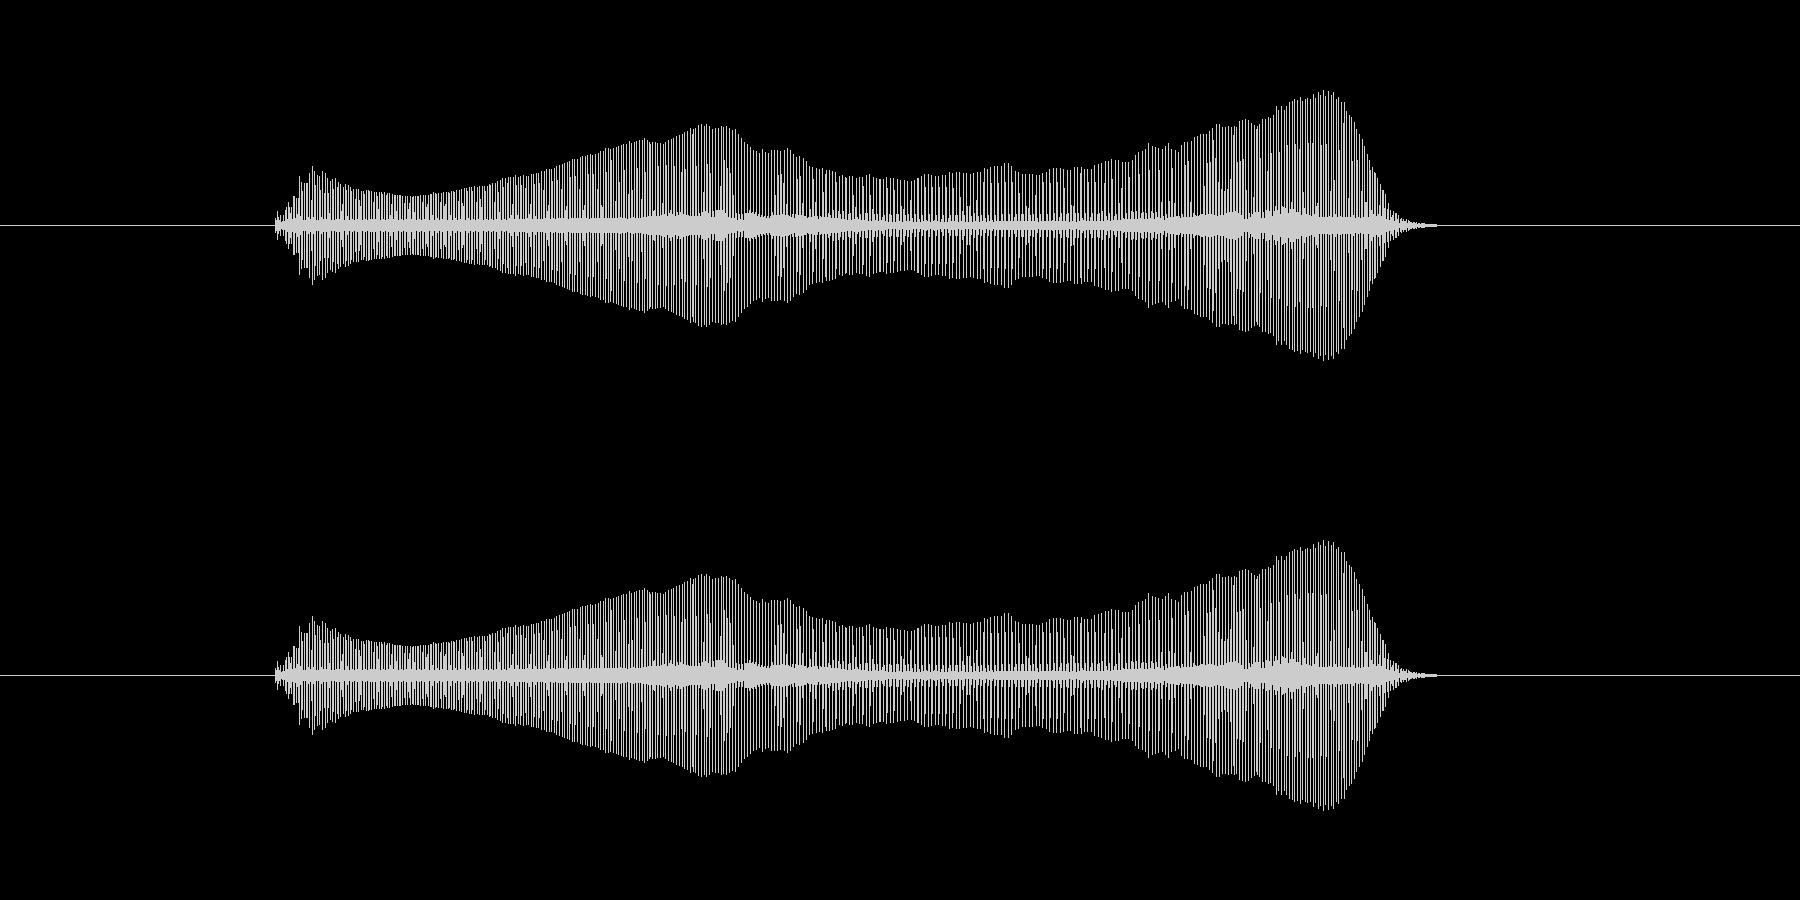 トロンボーンあるあるフレーズBPM140の未再生の波形